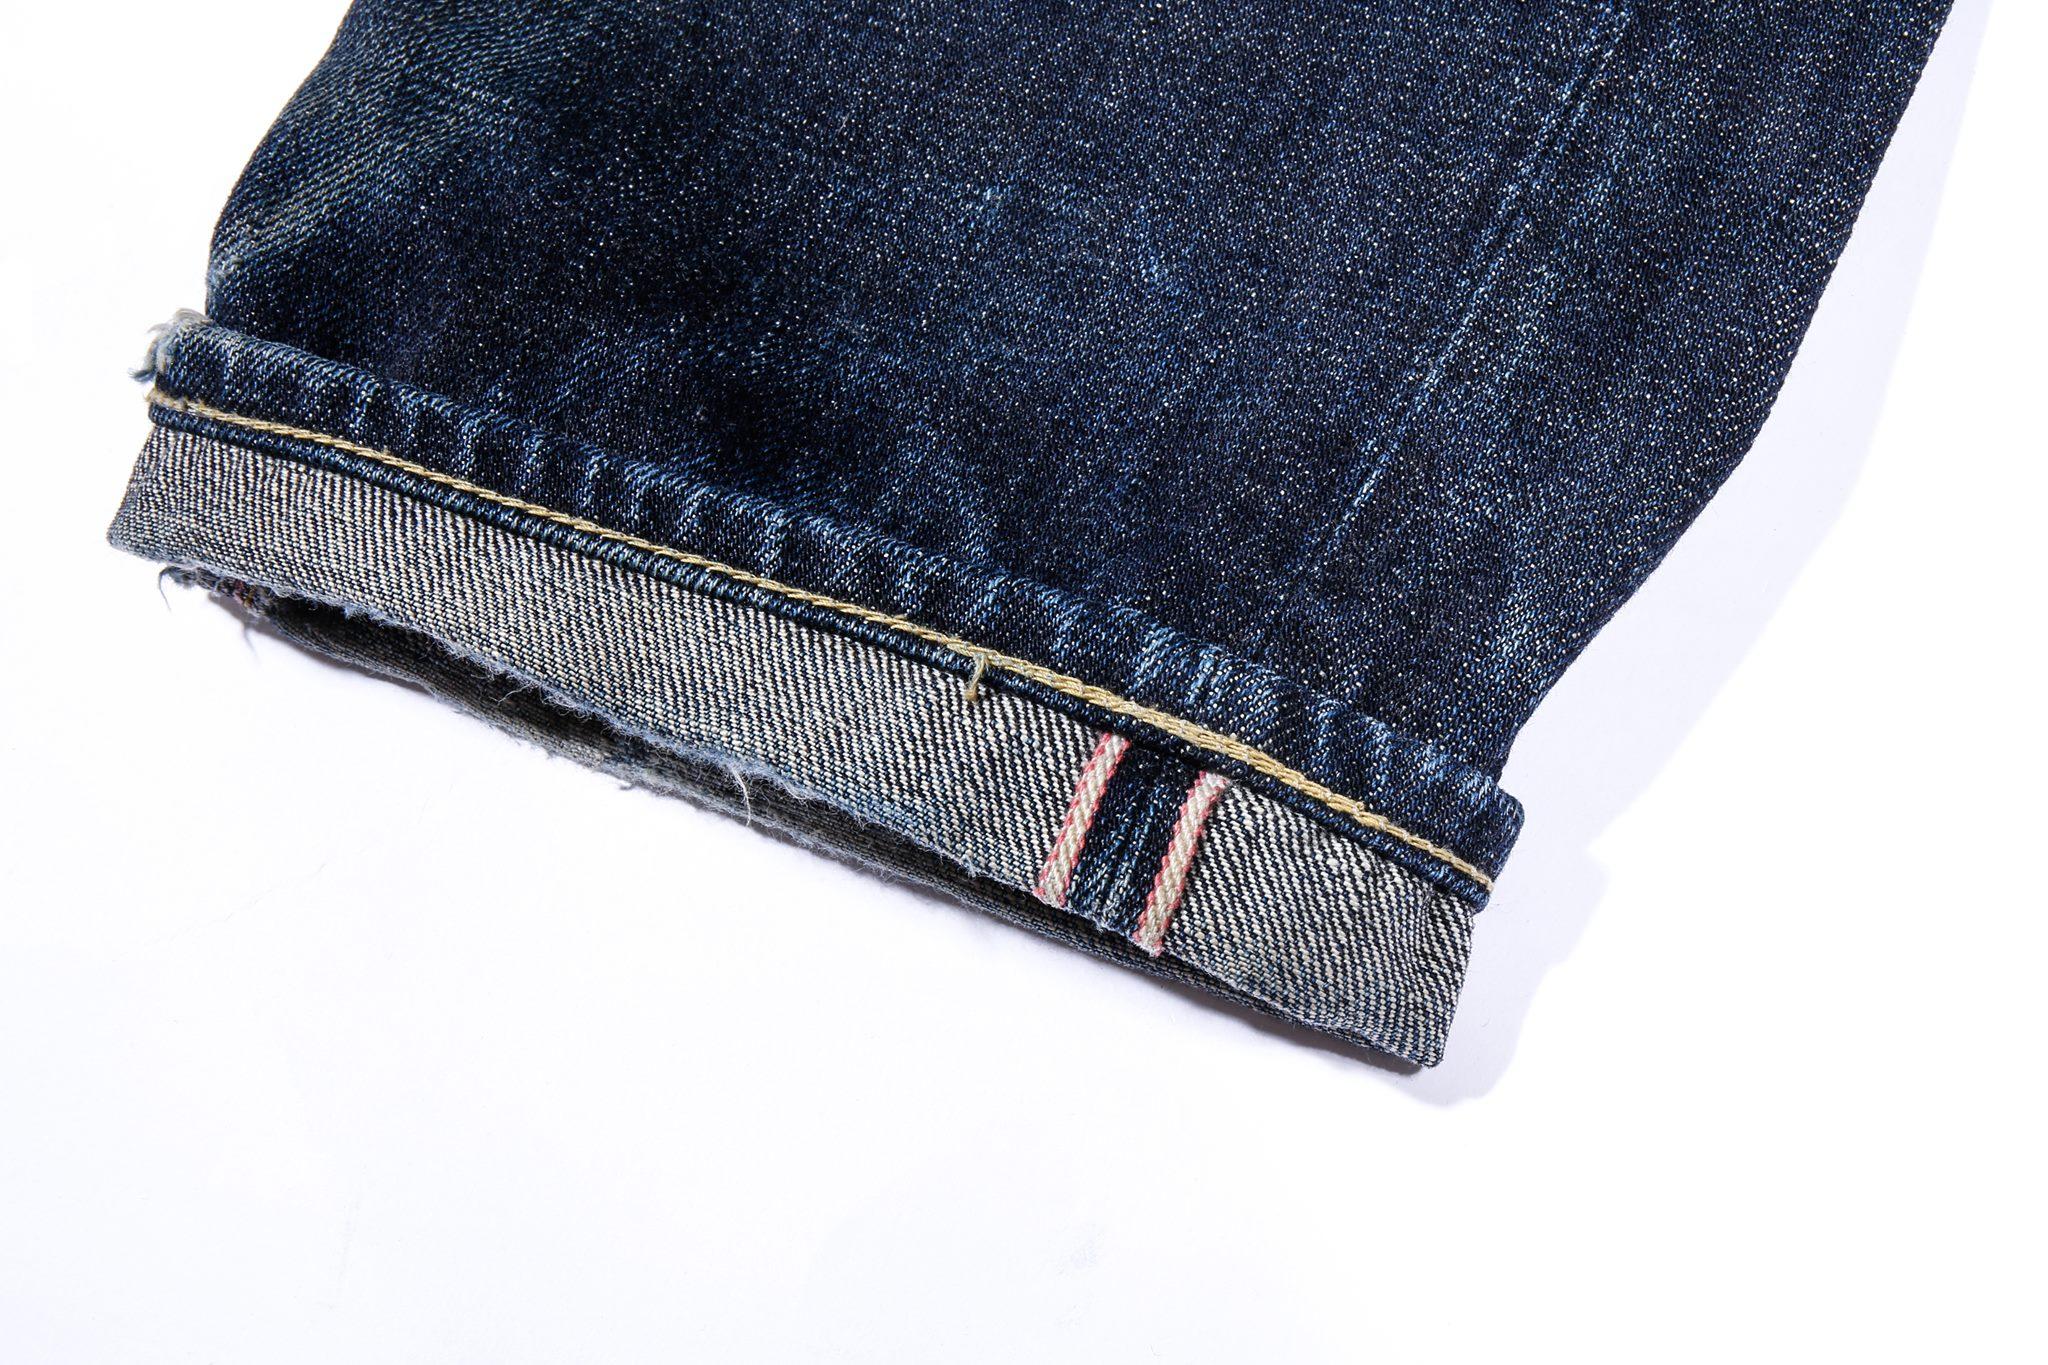 %e6%97%a5%e7%89%9b%e9%a4%8a%e6%88%90%e5%a4%a7%e5%8b%9f%e9%9b%86_momotaro-jeans_0705sp_%e5%8a%89%e9%81%94%e7%be%a9_5